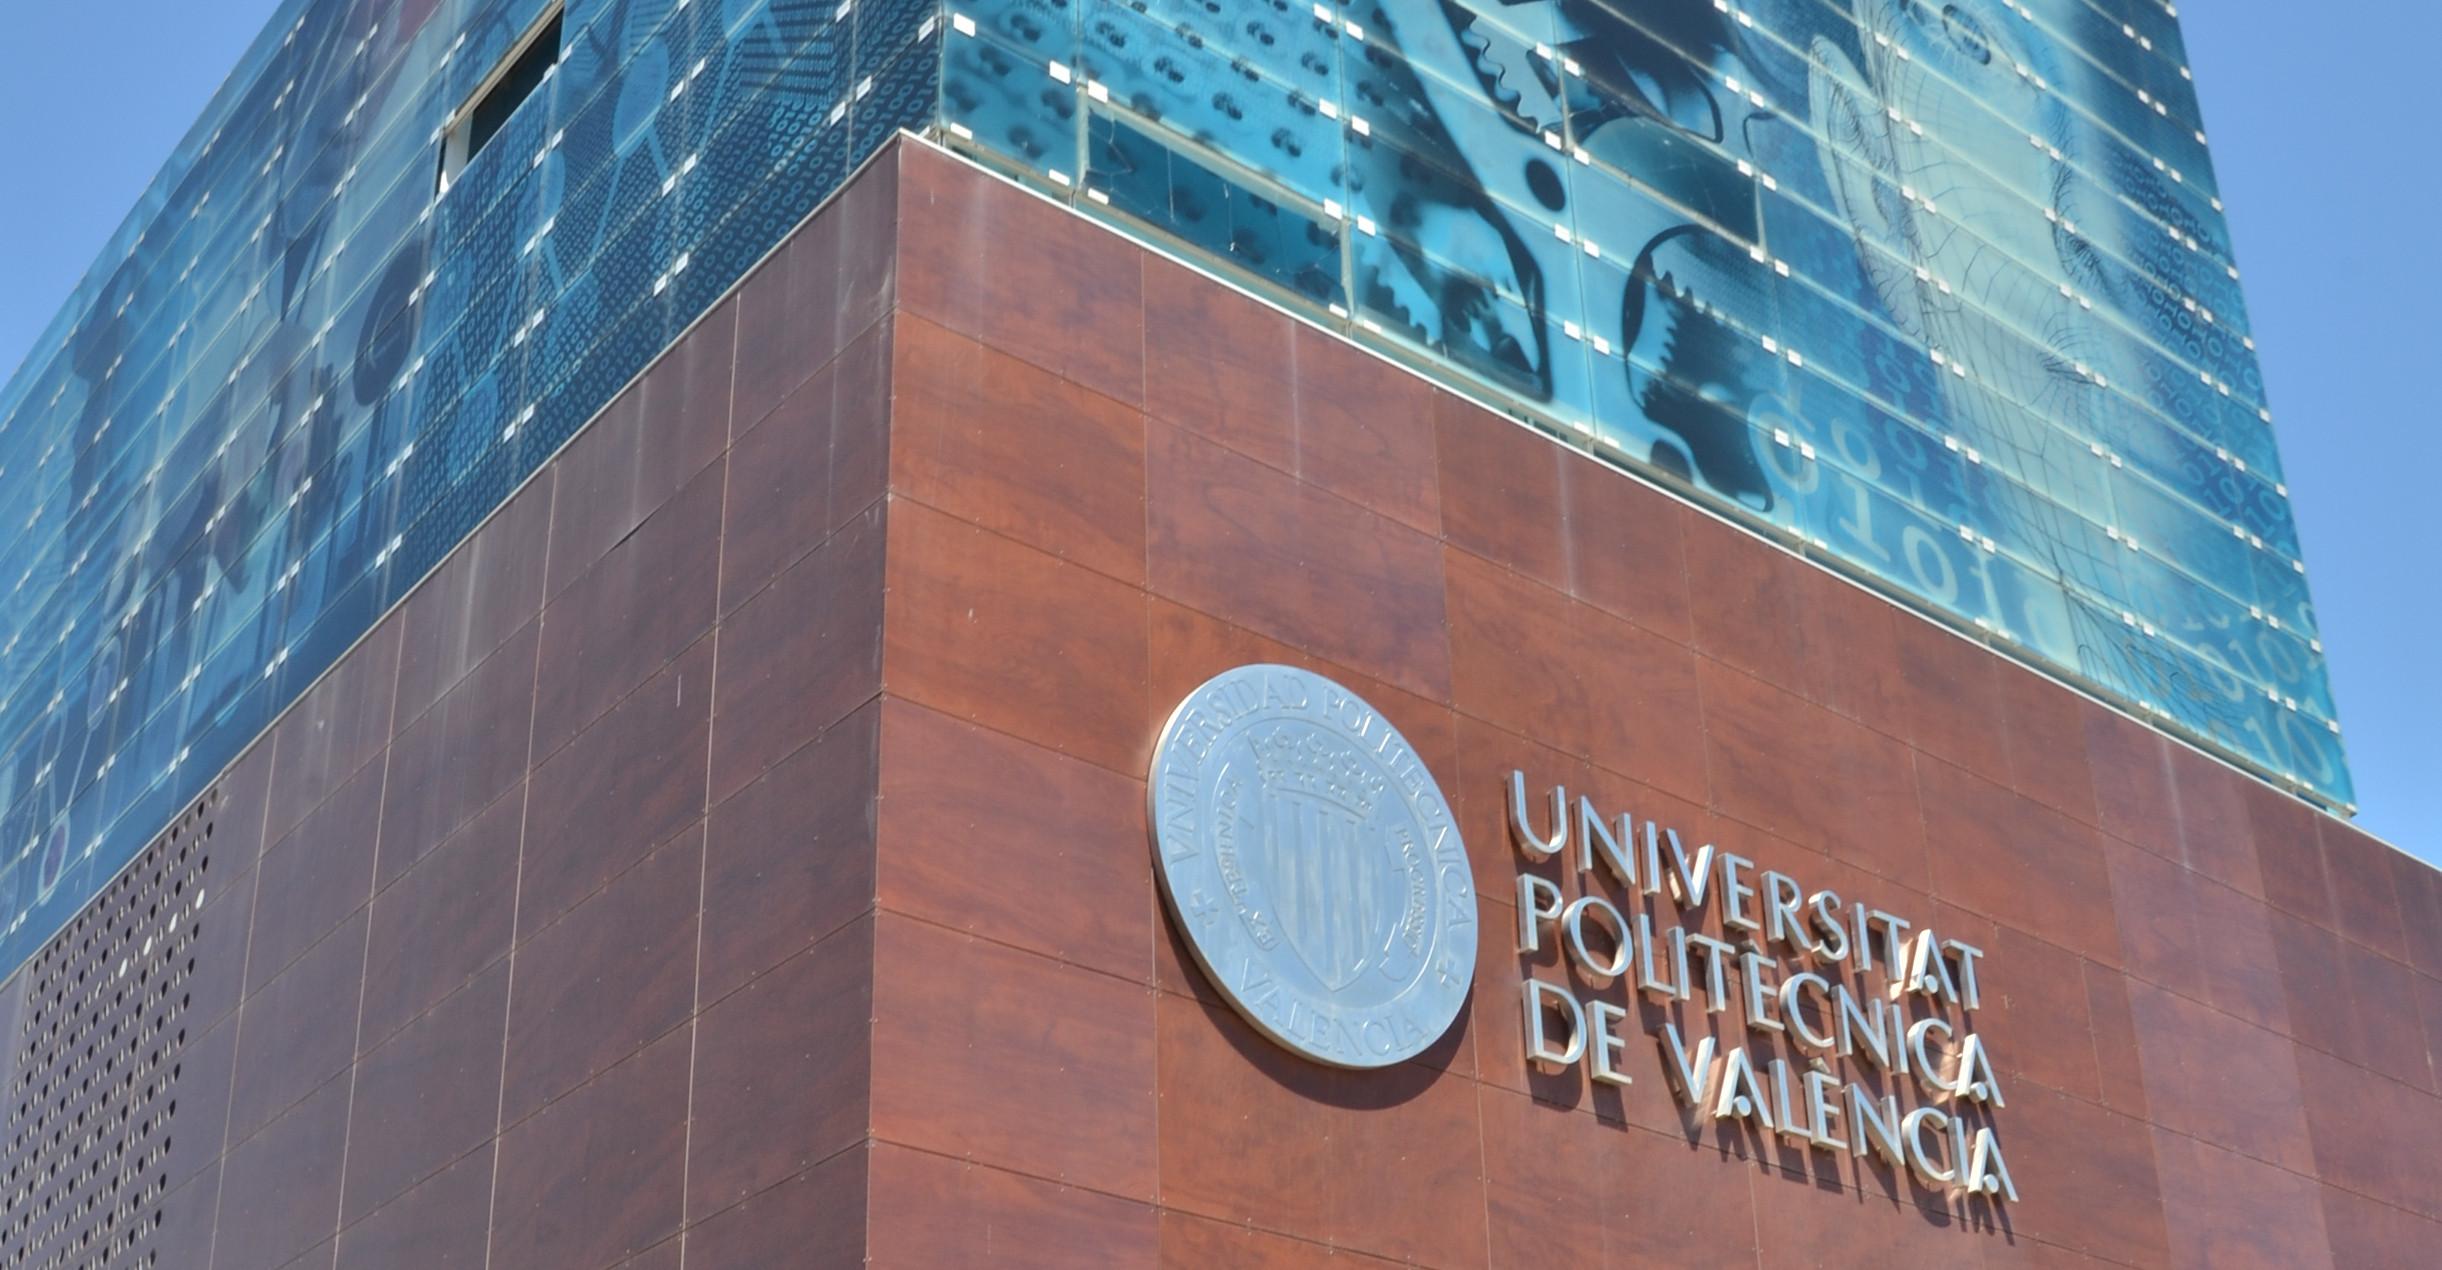 La Universitat Politècnica de València joins RENIC